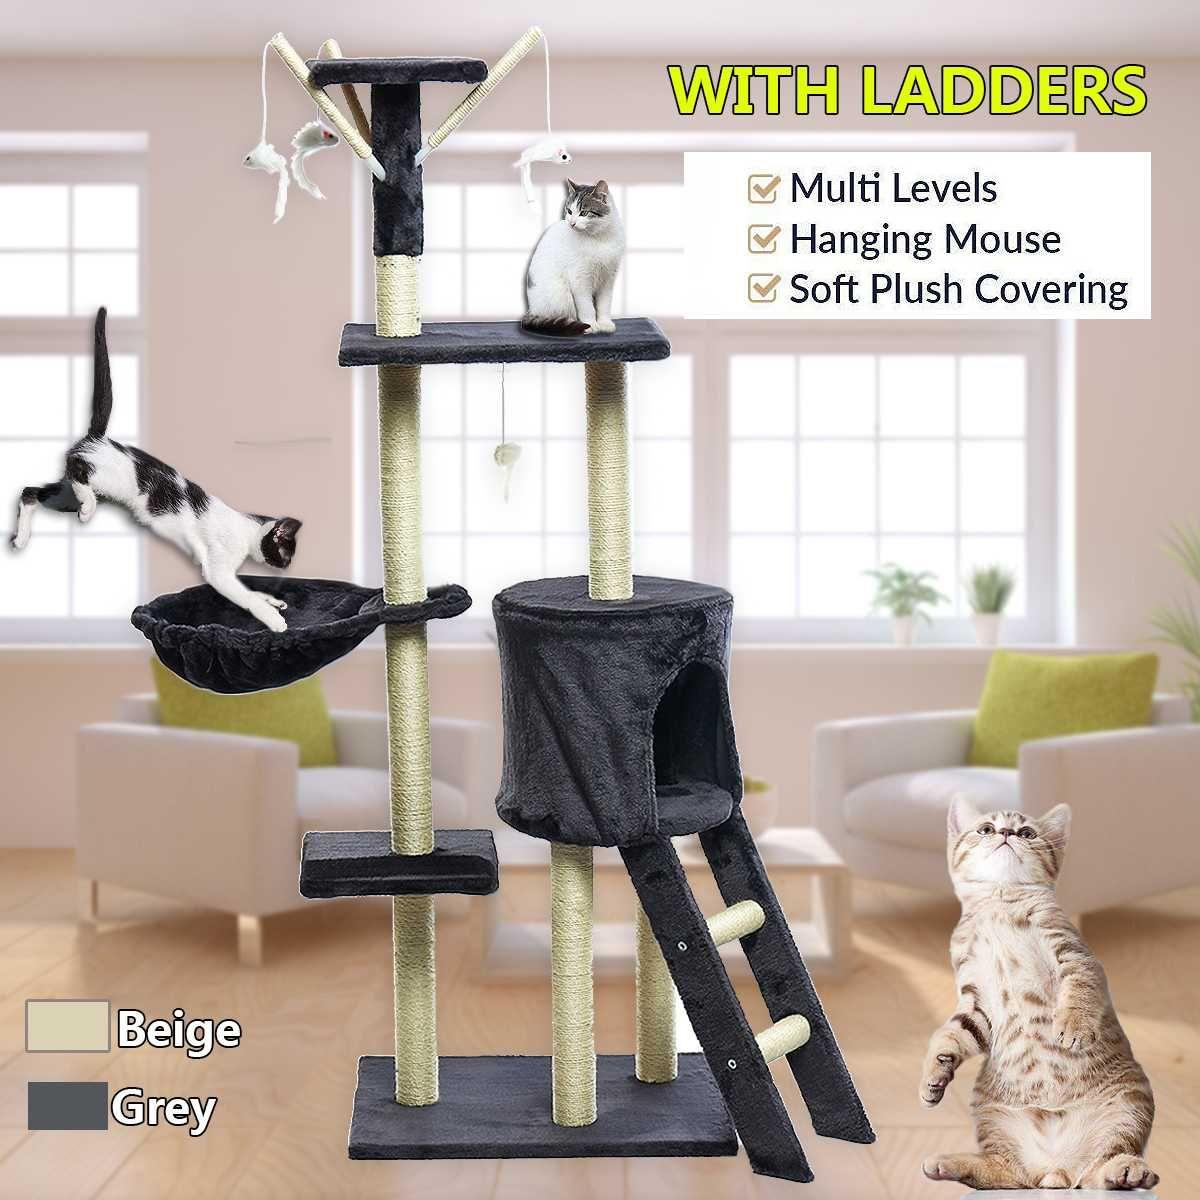 Katze Klettergerüst Katze Kratzen Post Baum Scratcher Pol Möbel Turnhalle Haus Spielzeug Katze Springen Plattform 50*35*140 cm